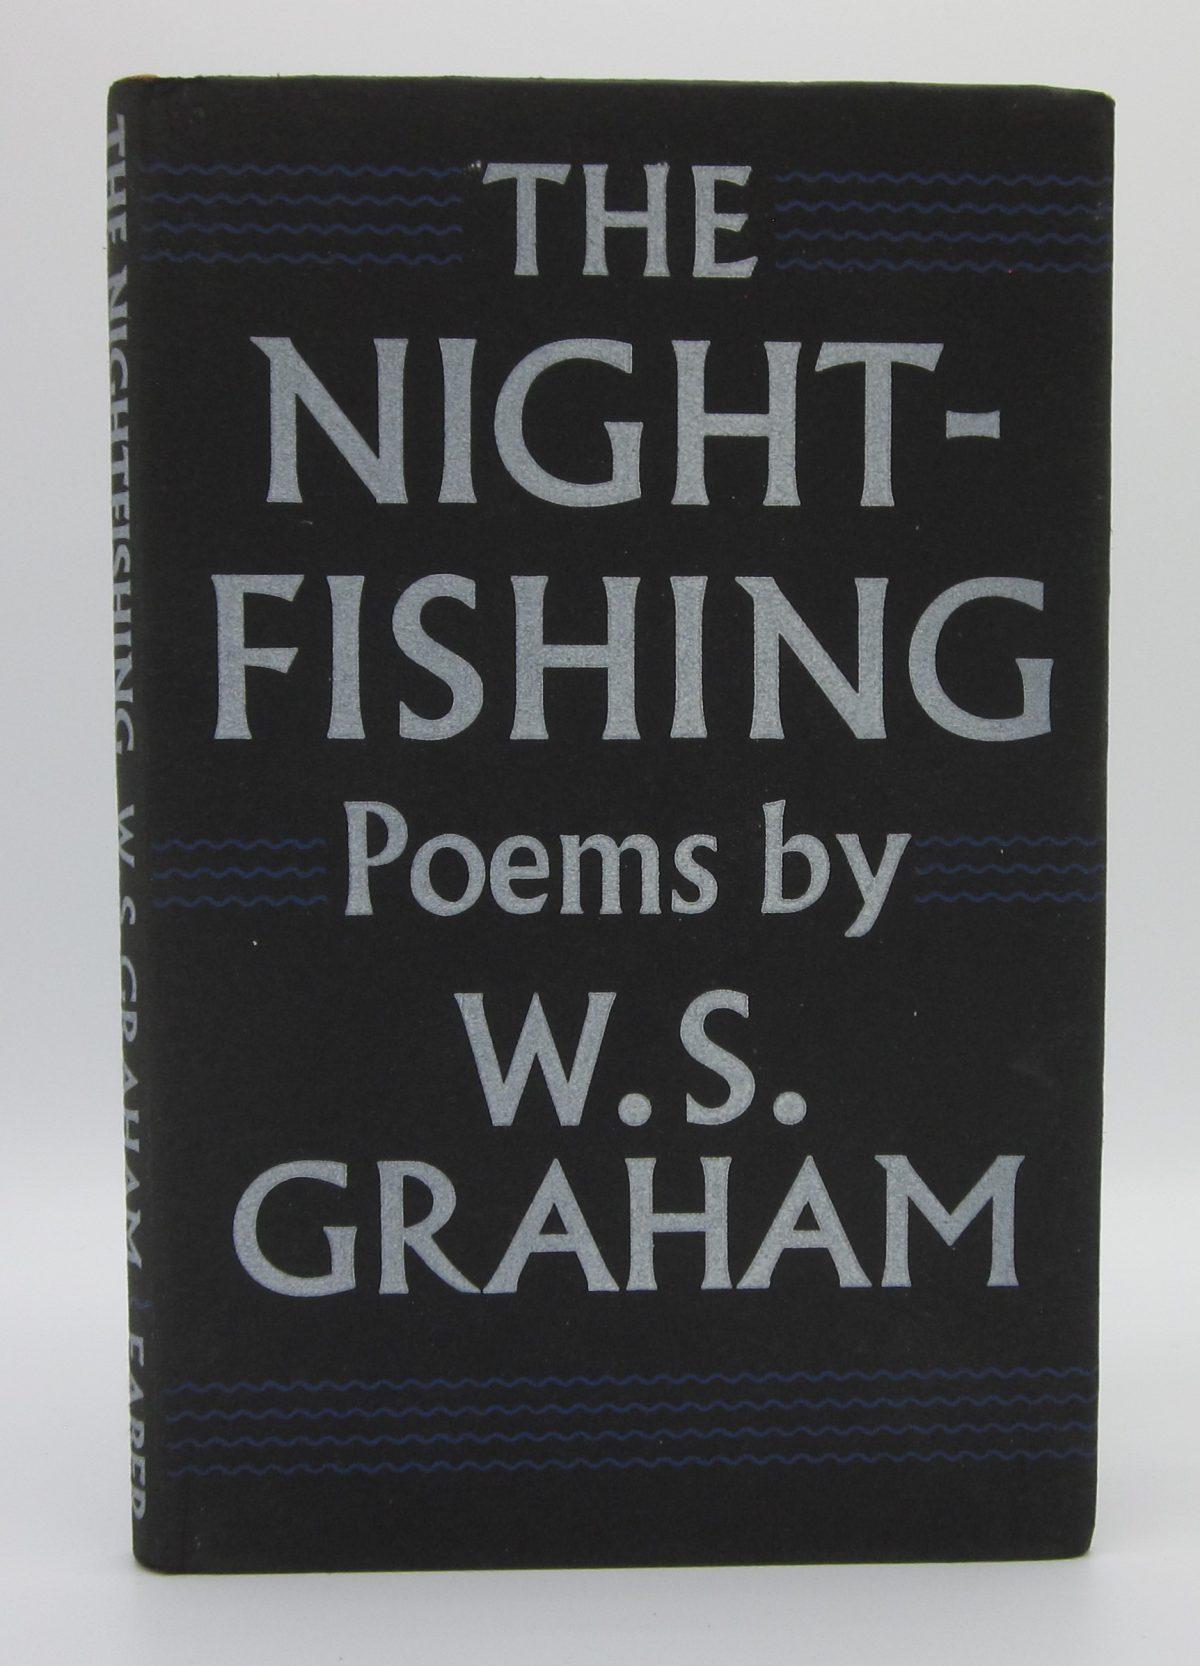 From My Poetry Bookshelf – The Nightfishing by WS Graham